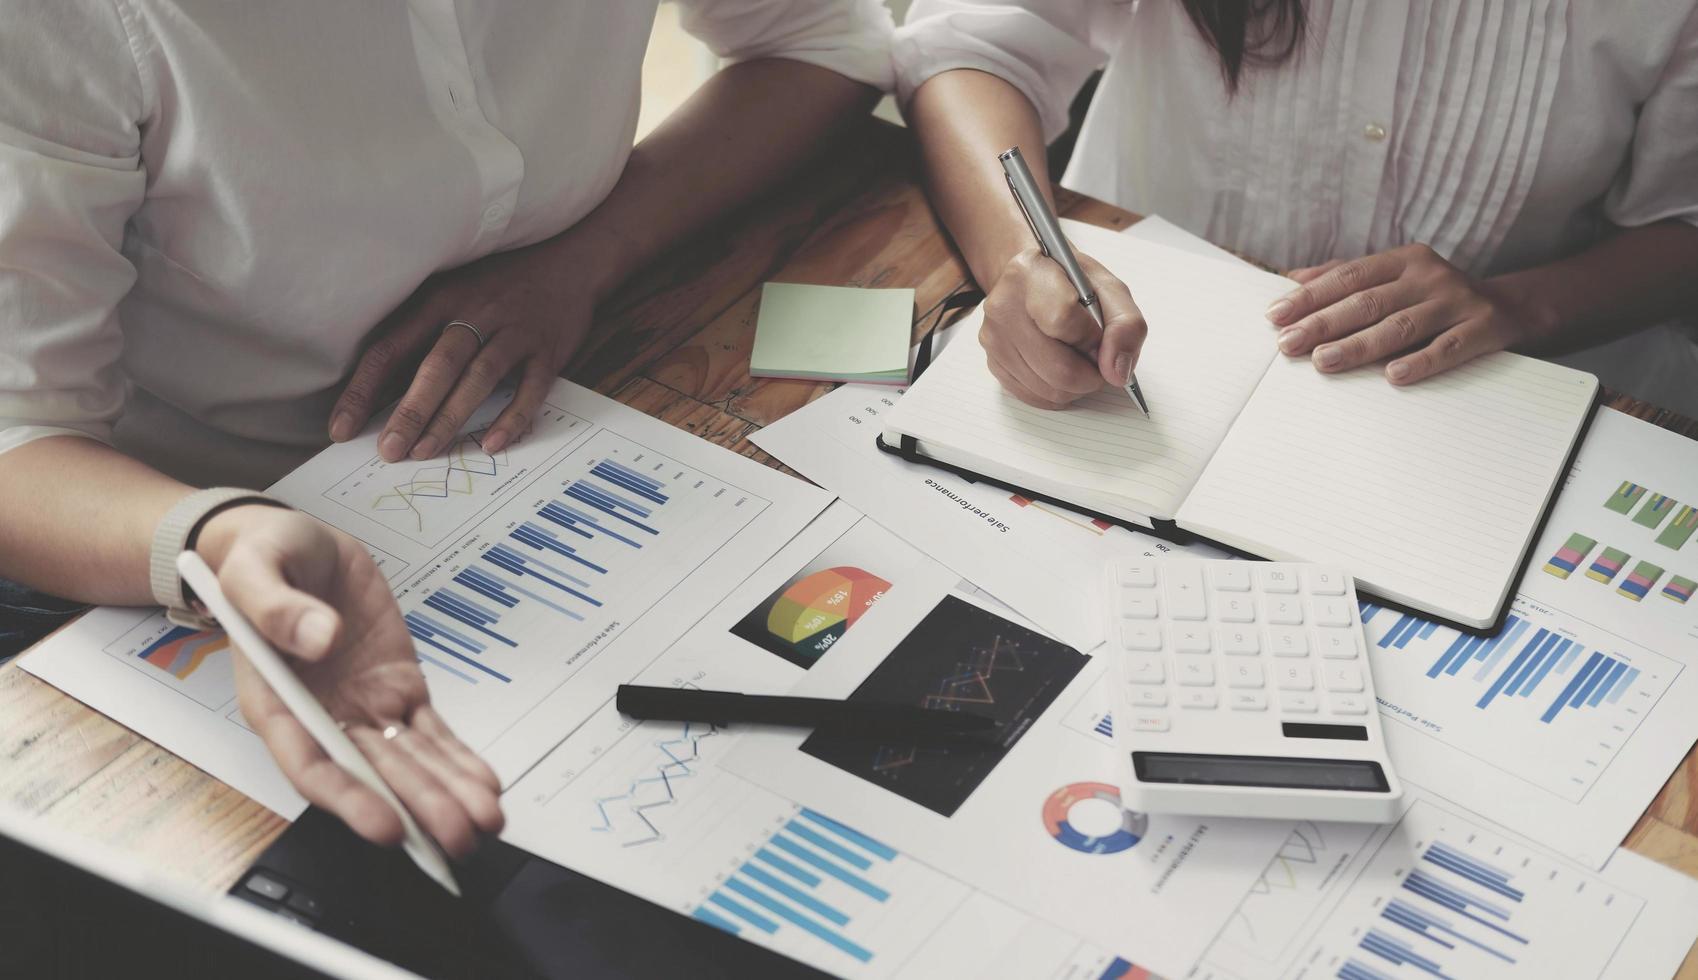 deux femmes d'affaires travaillent ensemble pour réfléchir à la manière de développer l'entreprise et d'élaborer des plans pour contrôler les finances de l'entreprise conformément au plan. notion financière. photo